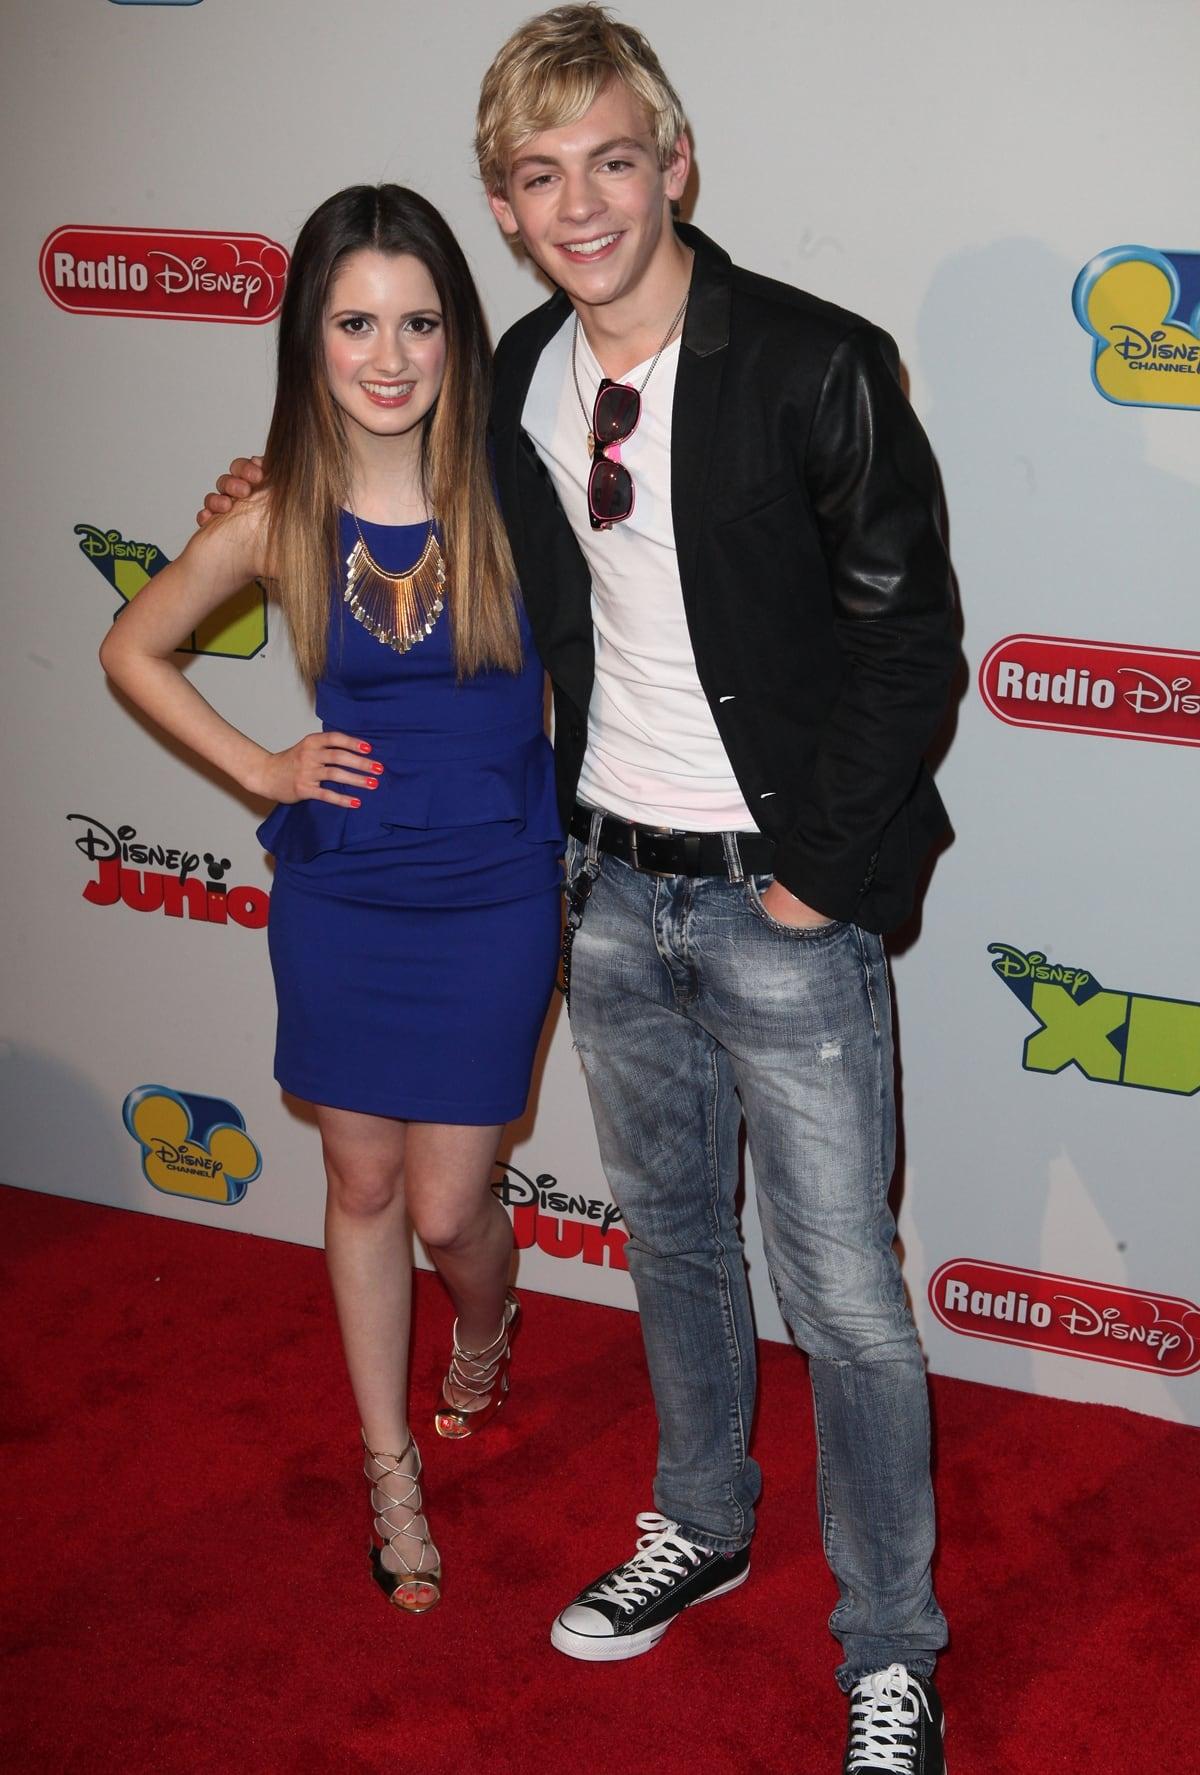 Austin Moon (Ross Lynch) married Ally Dawson (Laura Marano) in Austin & Ally